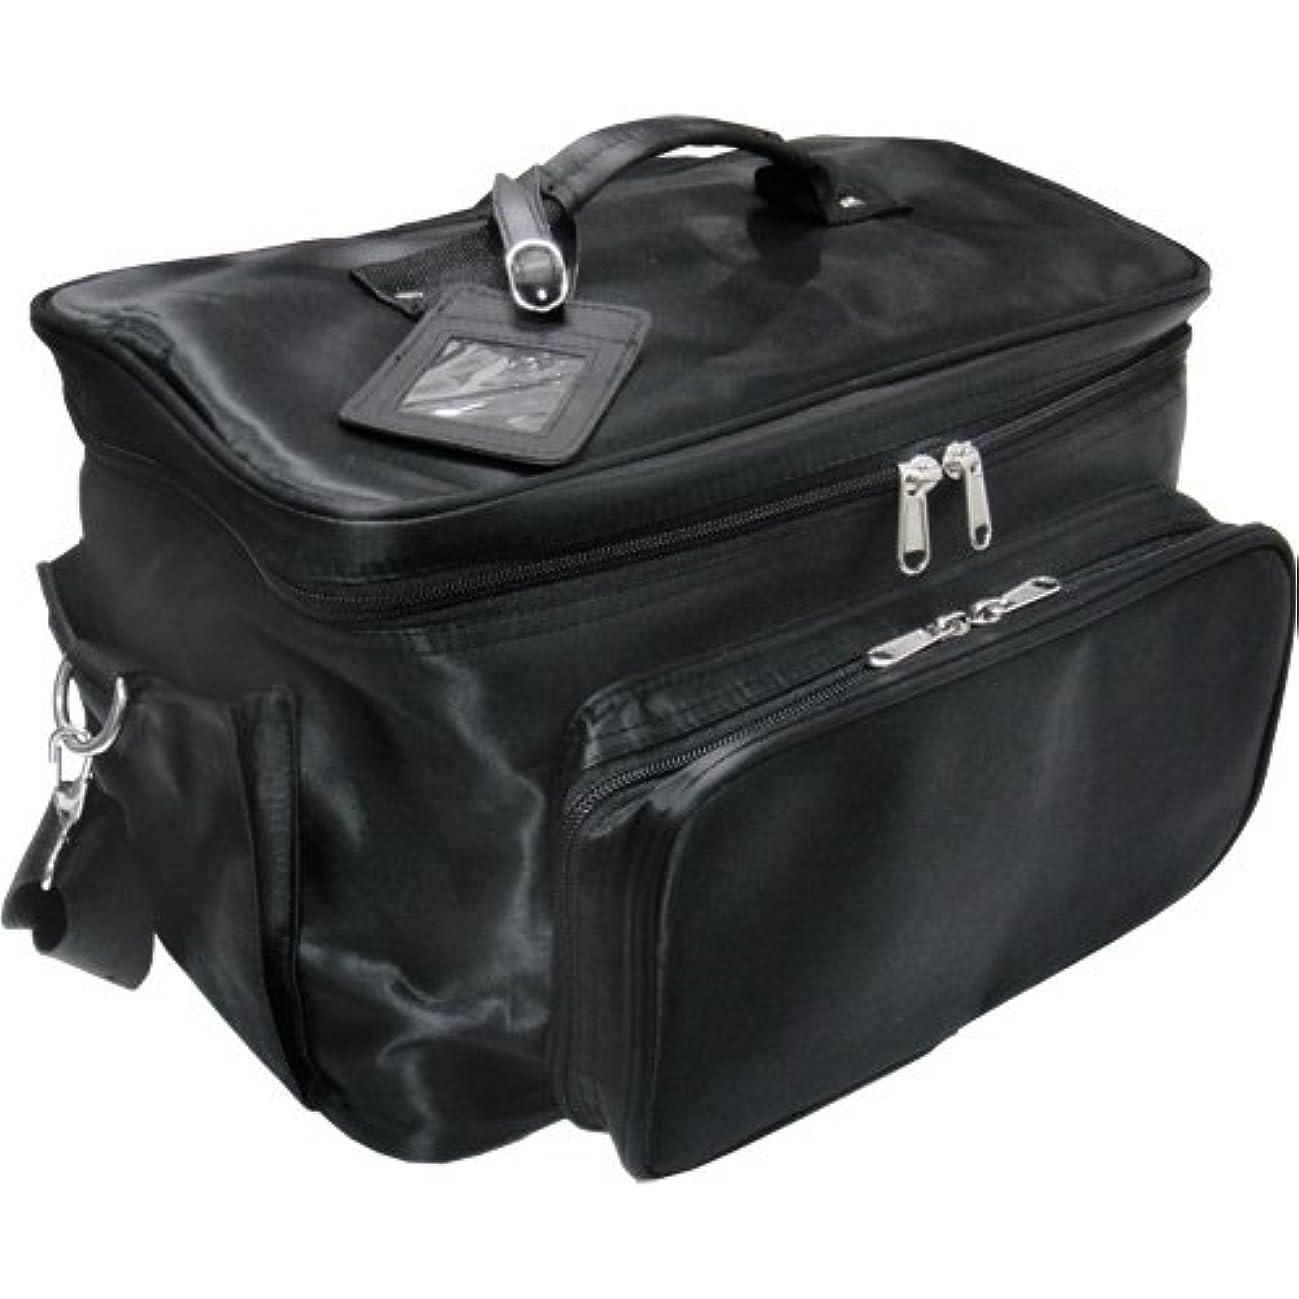 肌ますます応じる軽量バニティーバック ブラック コスメバッグ、ネイルバッグ、ネイリストバッグ、ナイロンコスメボックス